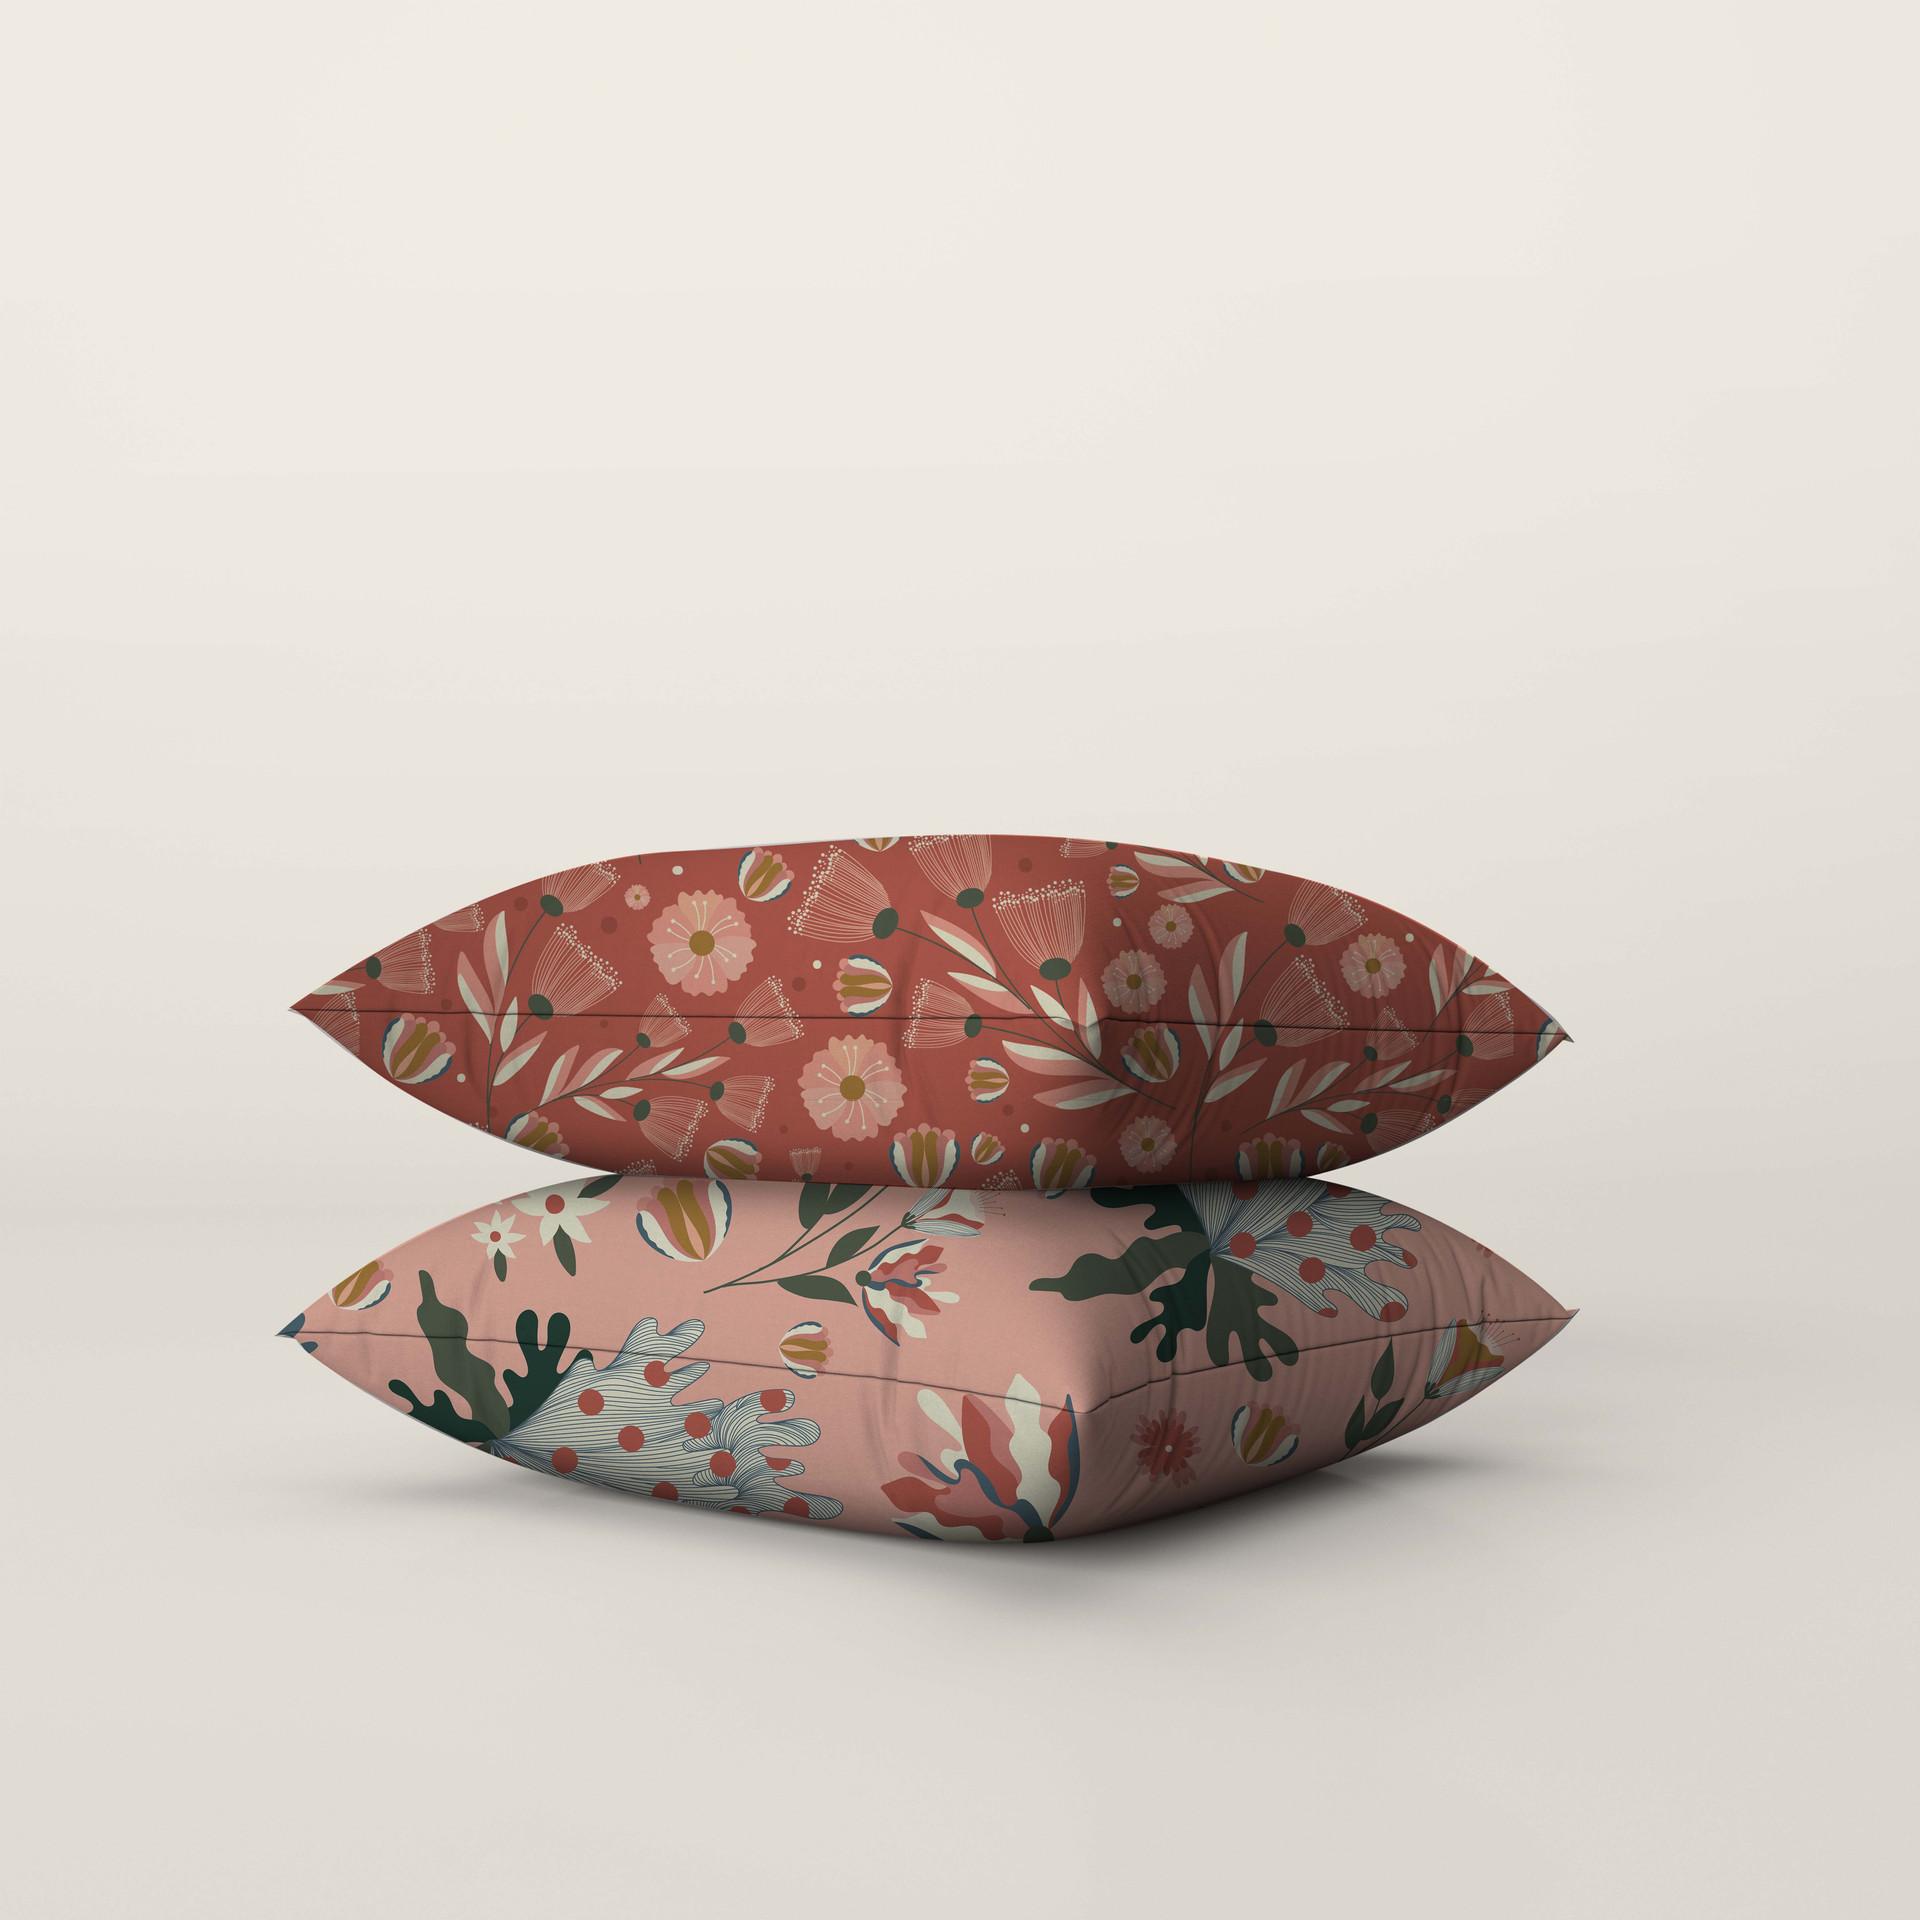 Autumn Floor Cushions